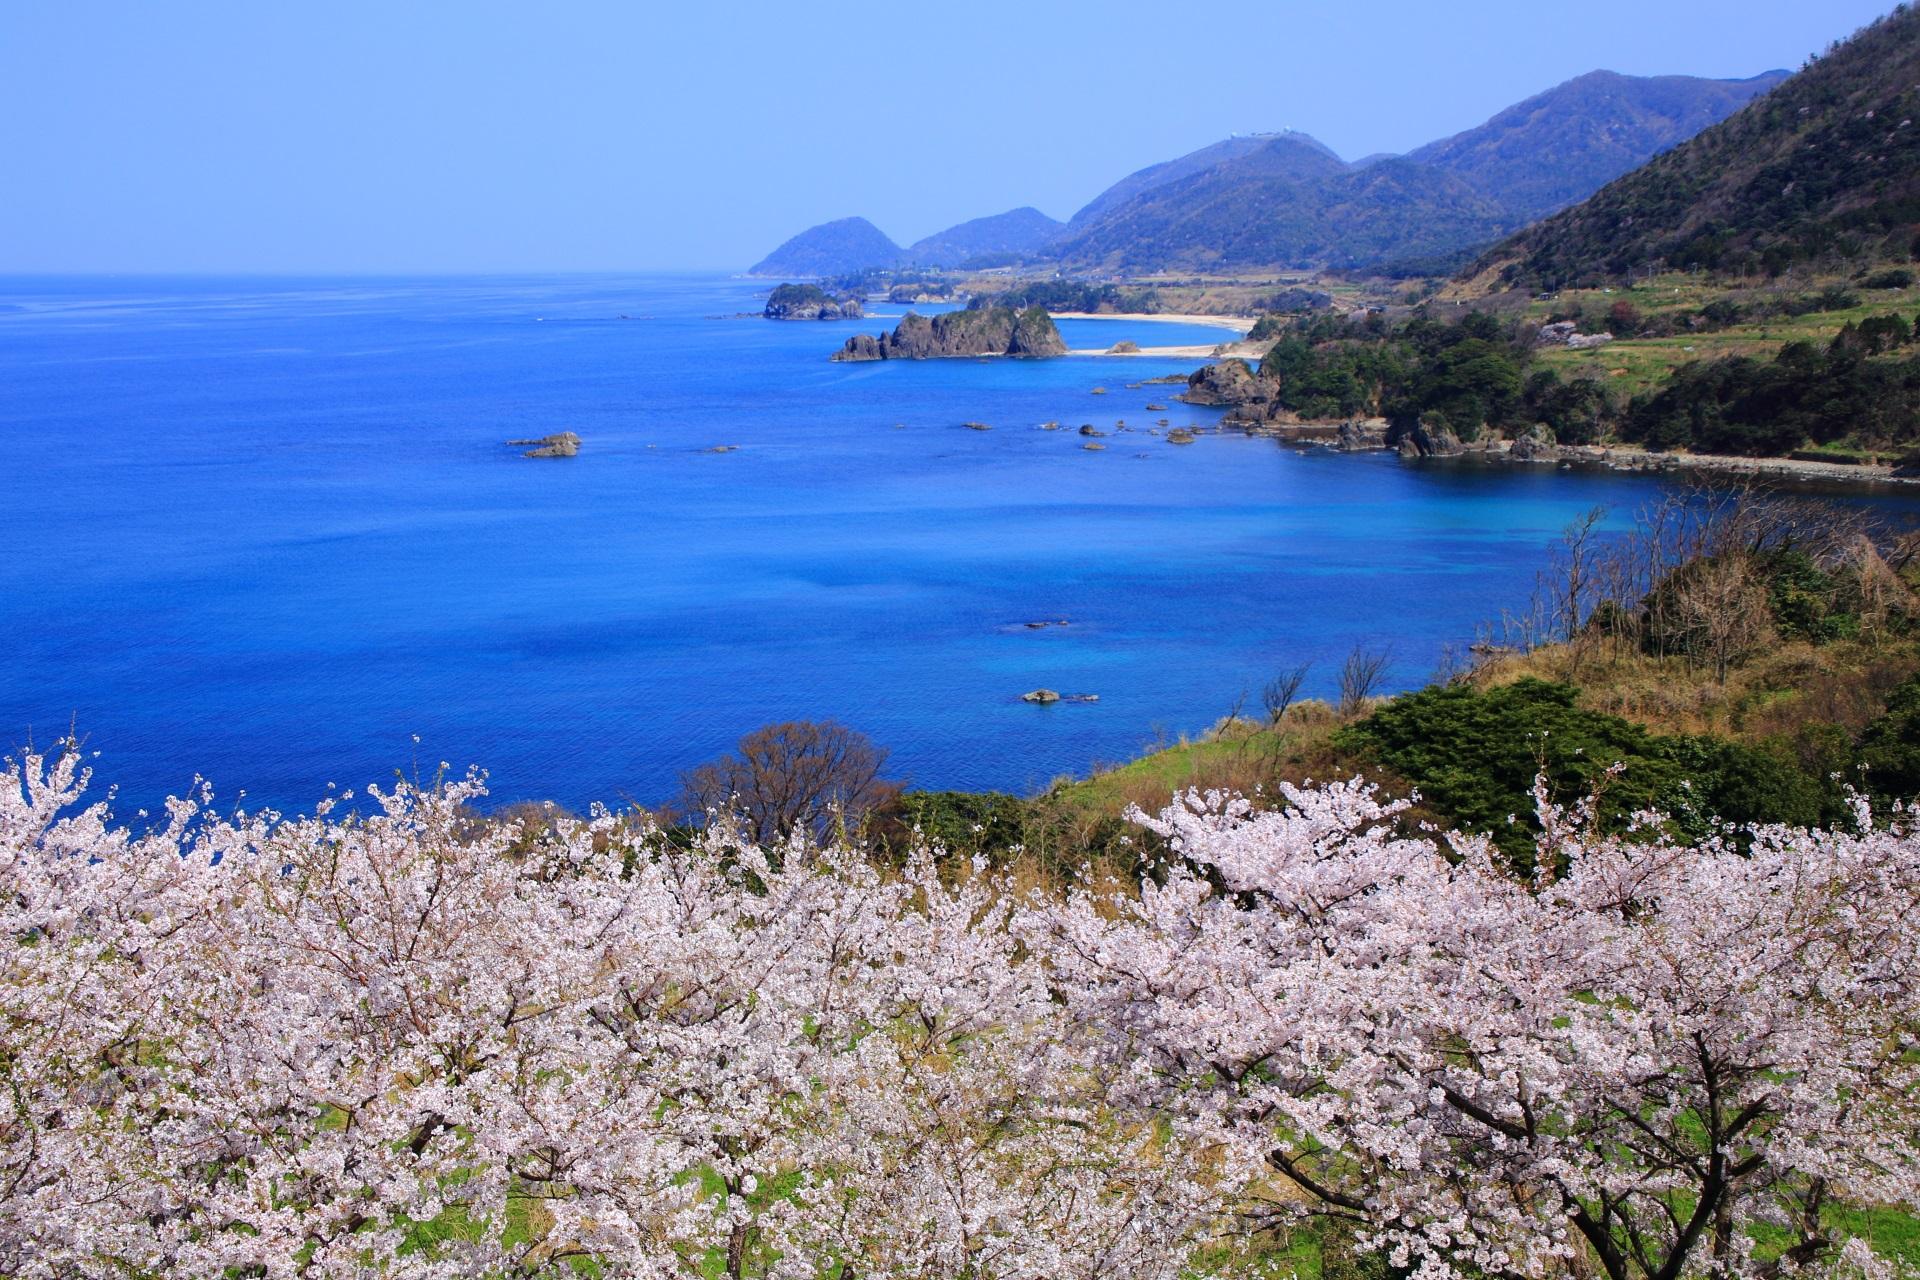 咲き誇る桜の向こうに広がる日本海と丹後松島